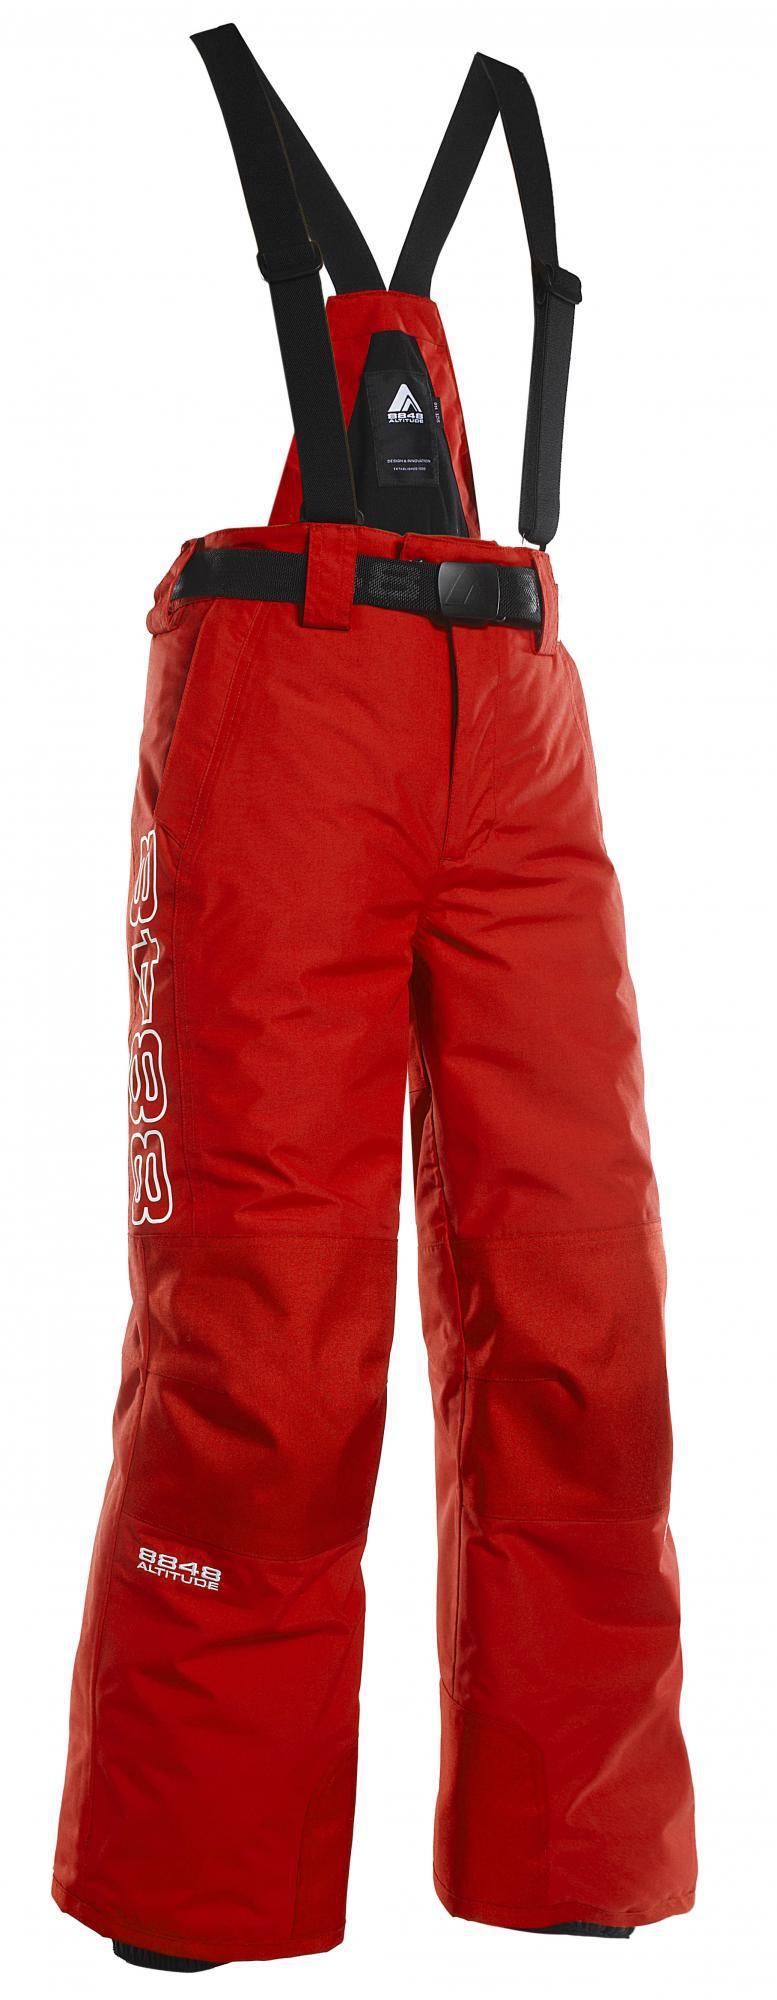 Горнолыжные брюки 8848 Altitude Mowat orange (825631) детские